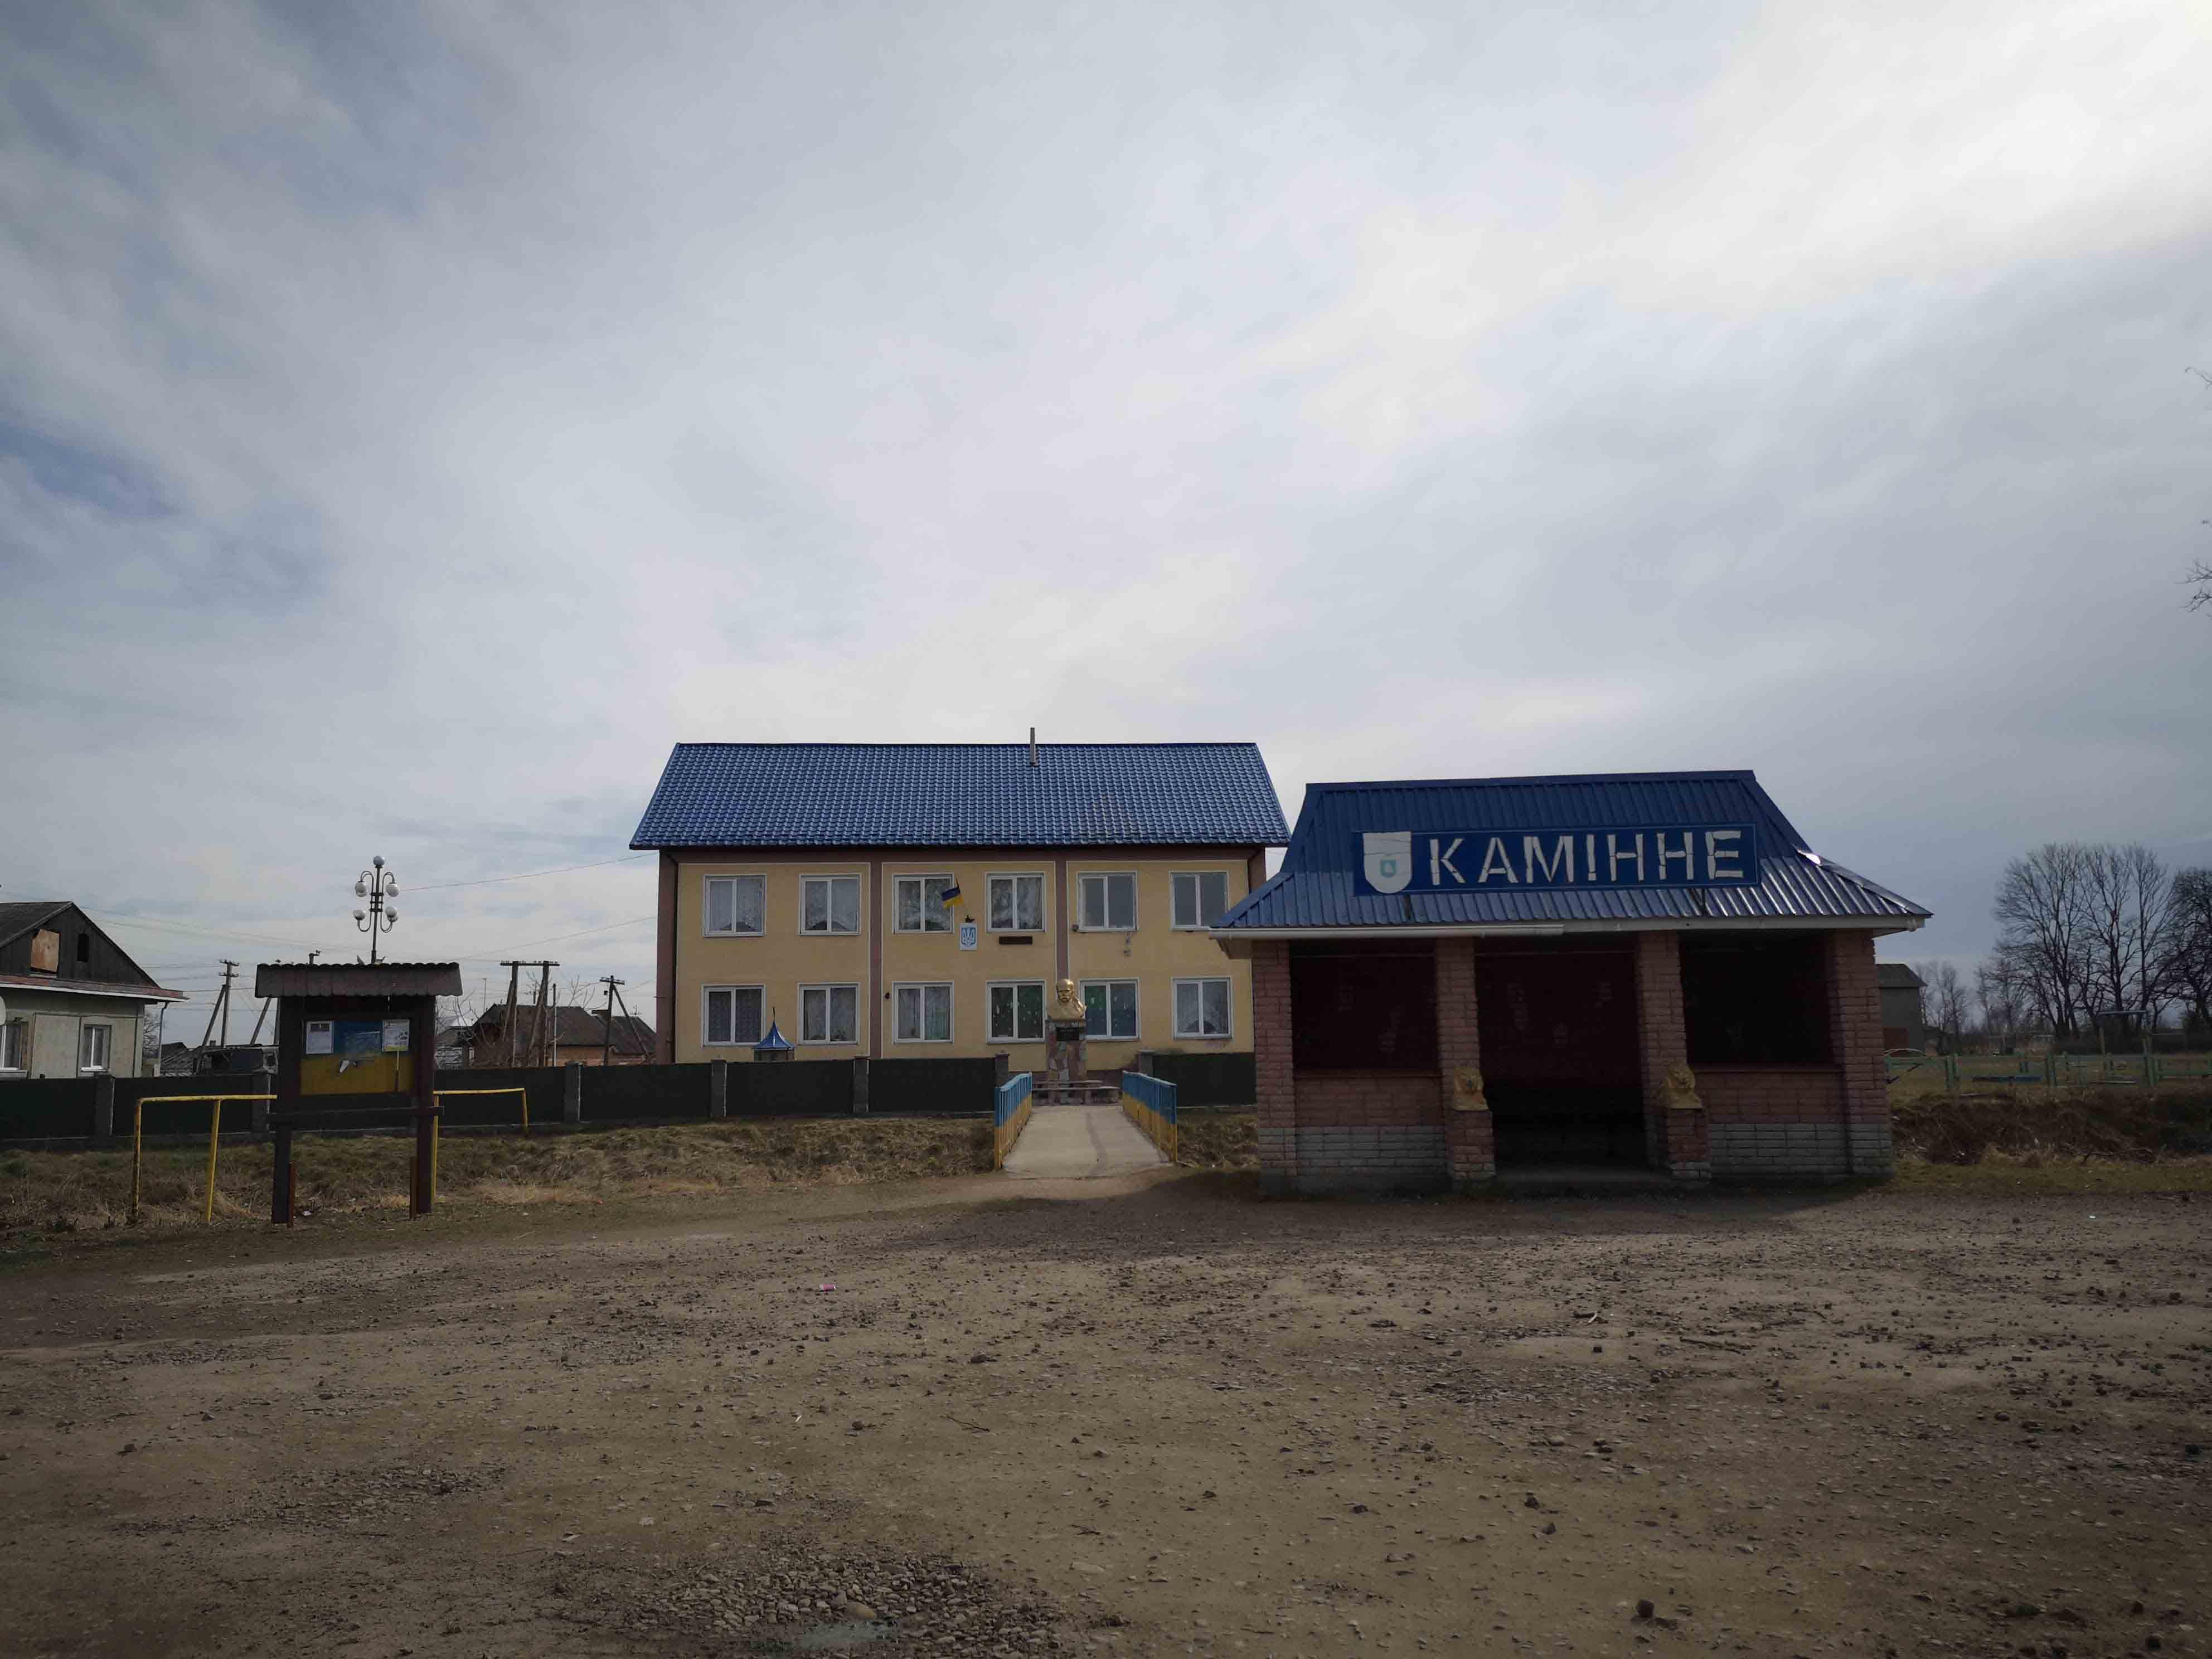 Дорогу від Тисменичан до Камінного відремонтують коштом бюджету Івано-Франківська